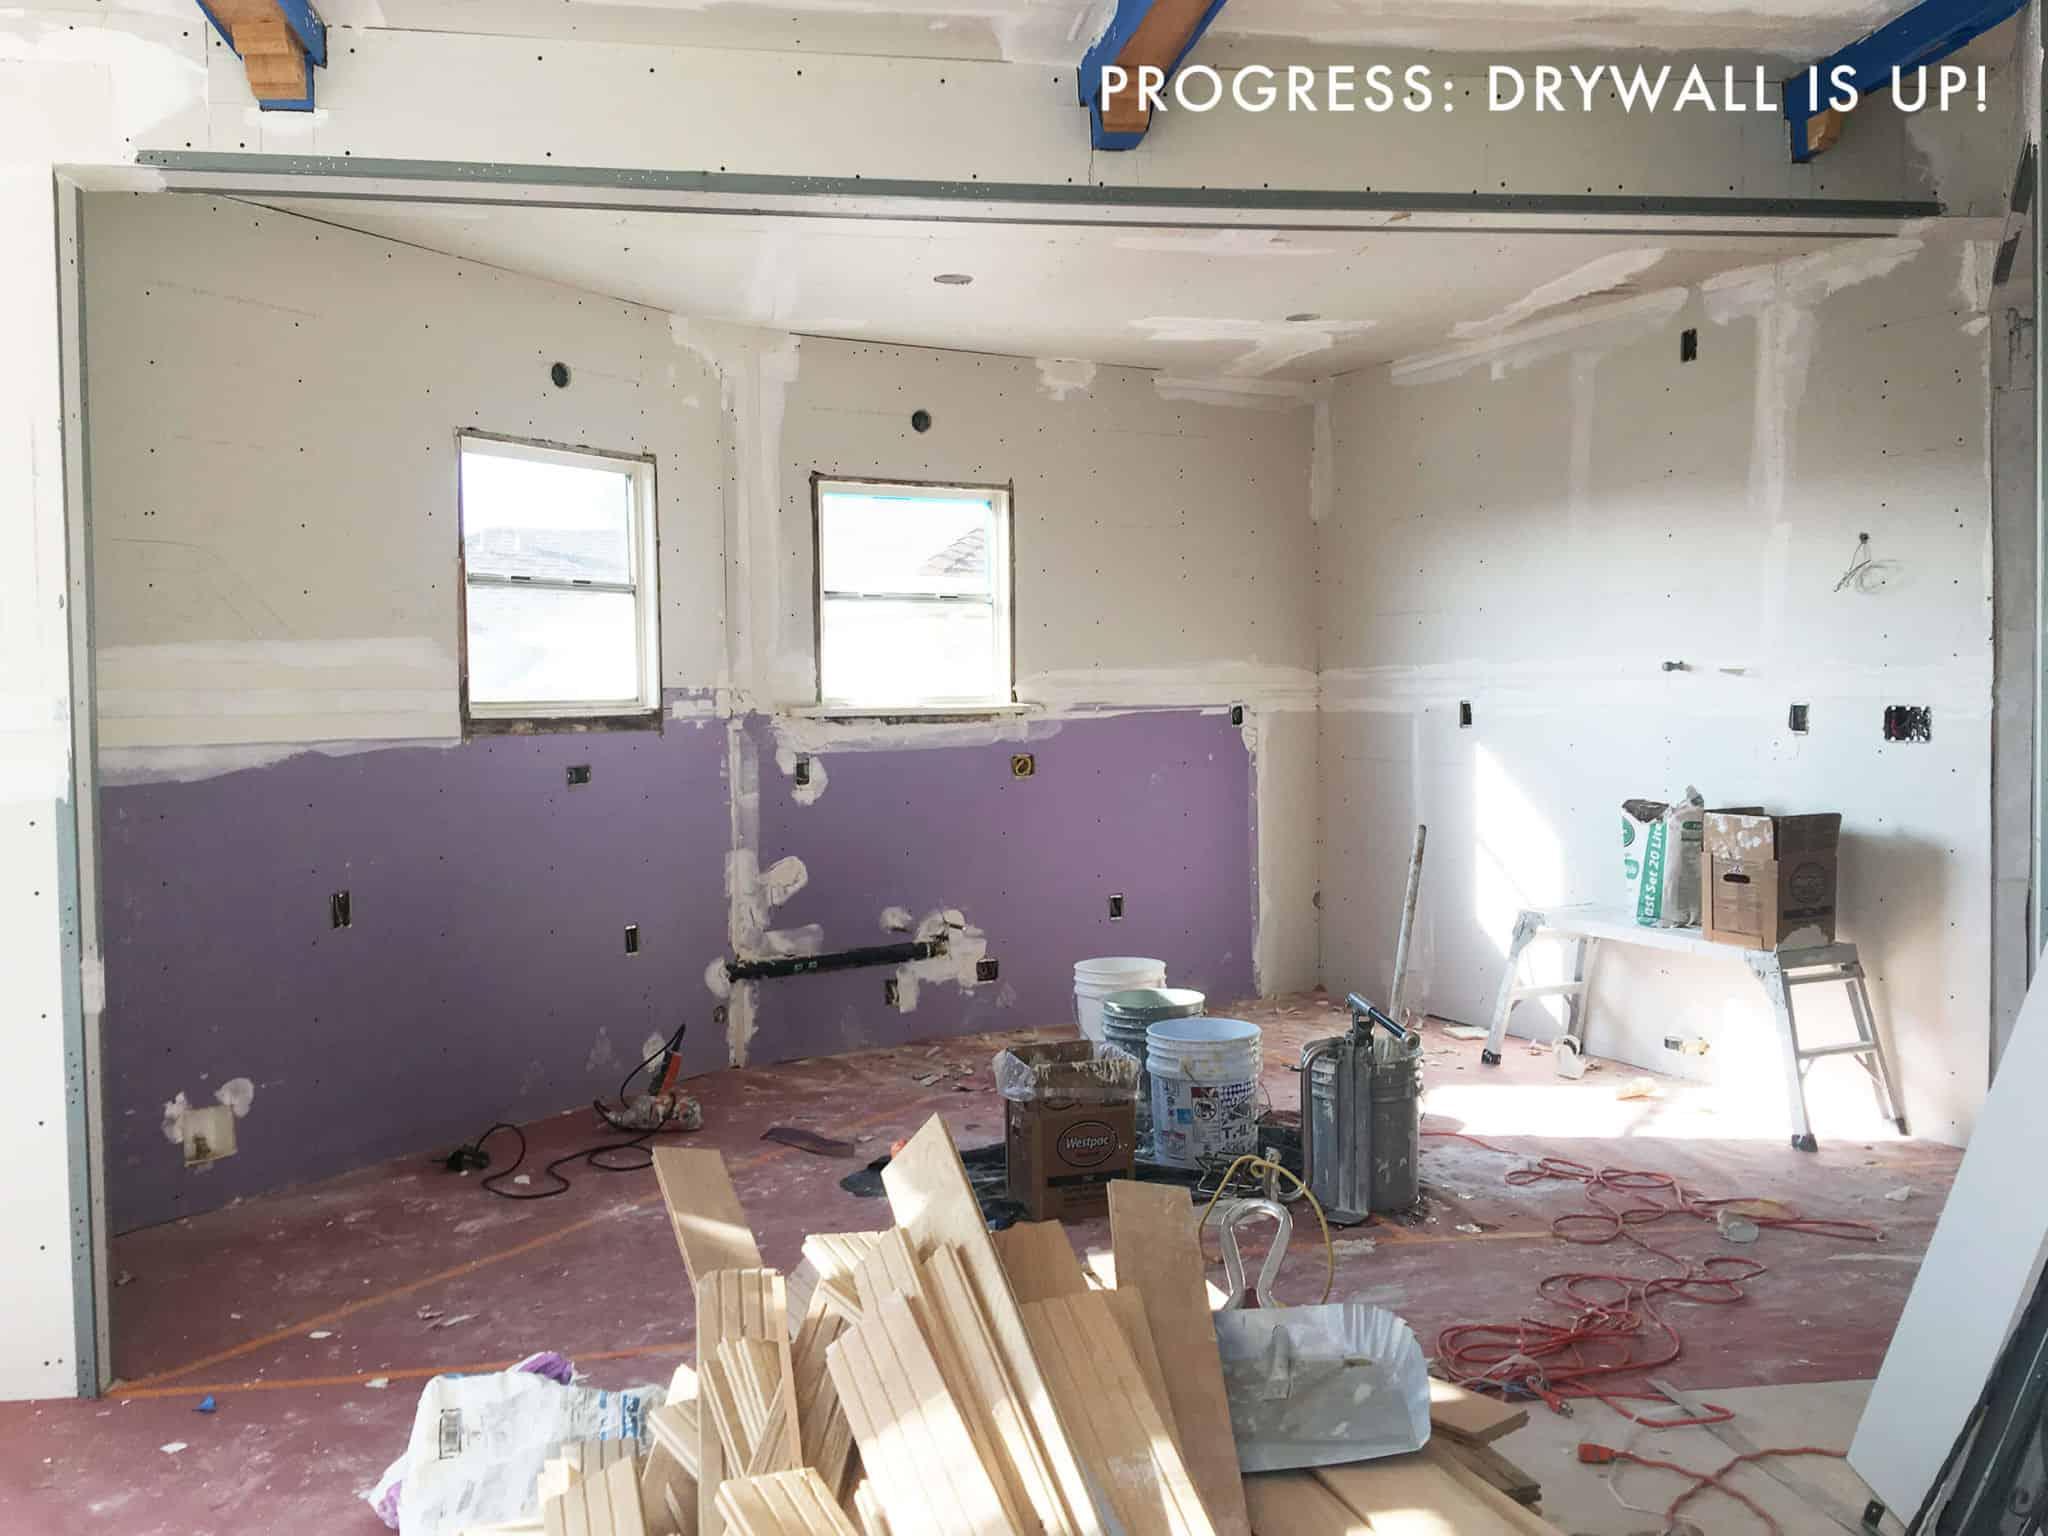 progress_kitchen_demo_floor-demo_drywall-is-up